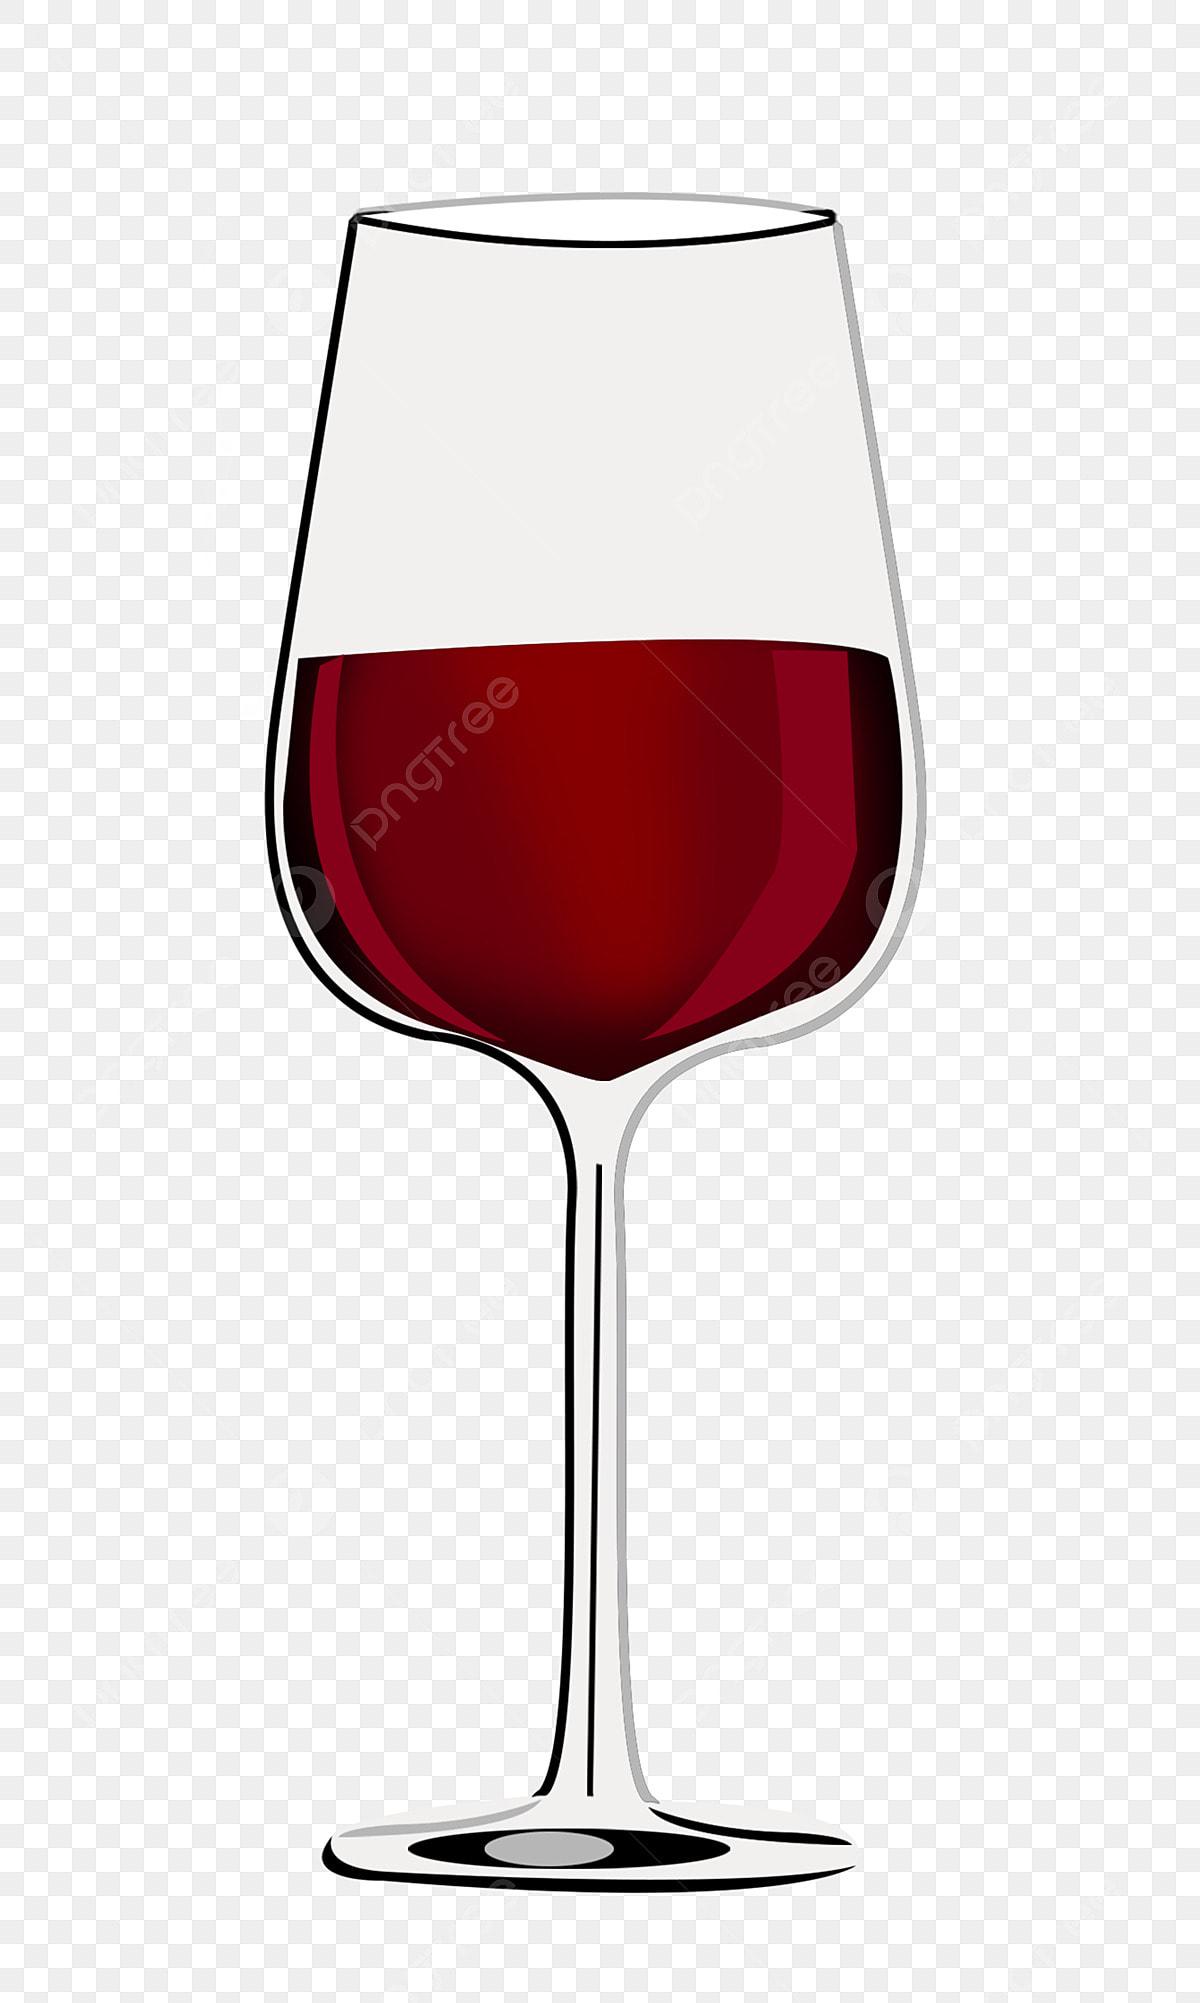 無料ダウンロードのための赤いワイン 赤いワインのピクチャー素材 赤